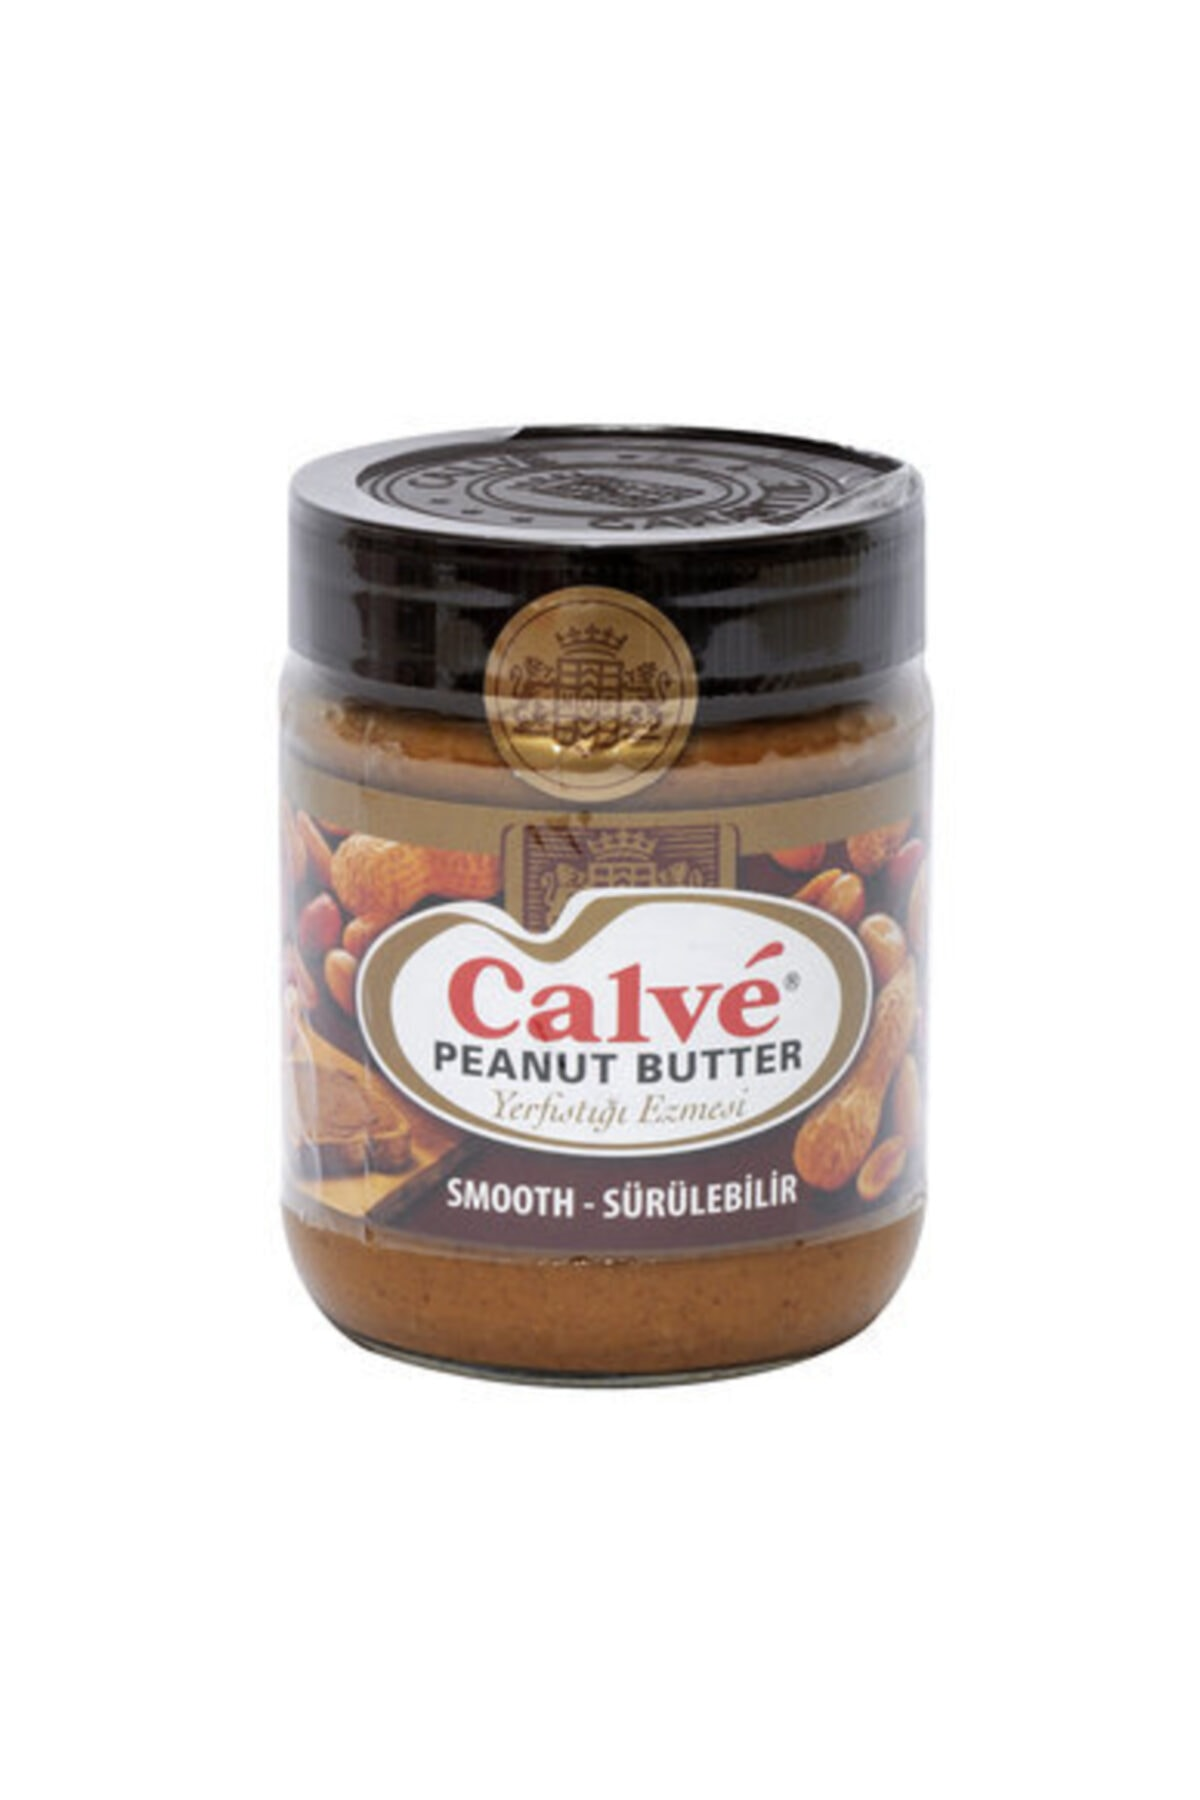 Calve Peanut Butter Sürülebilir Yer Fıstığı Ezmesi 350 gr 1